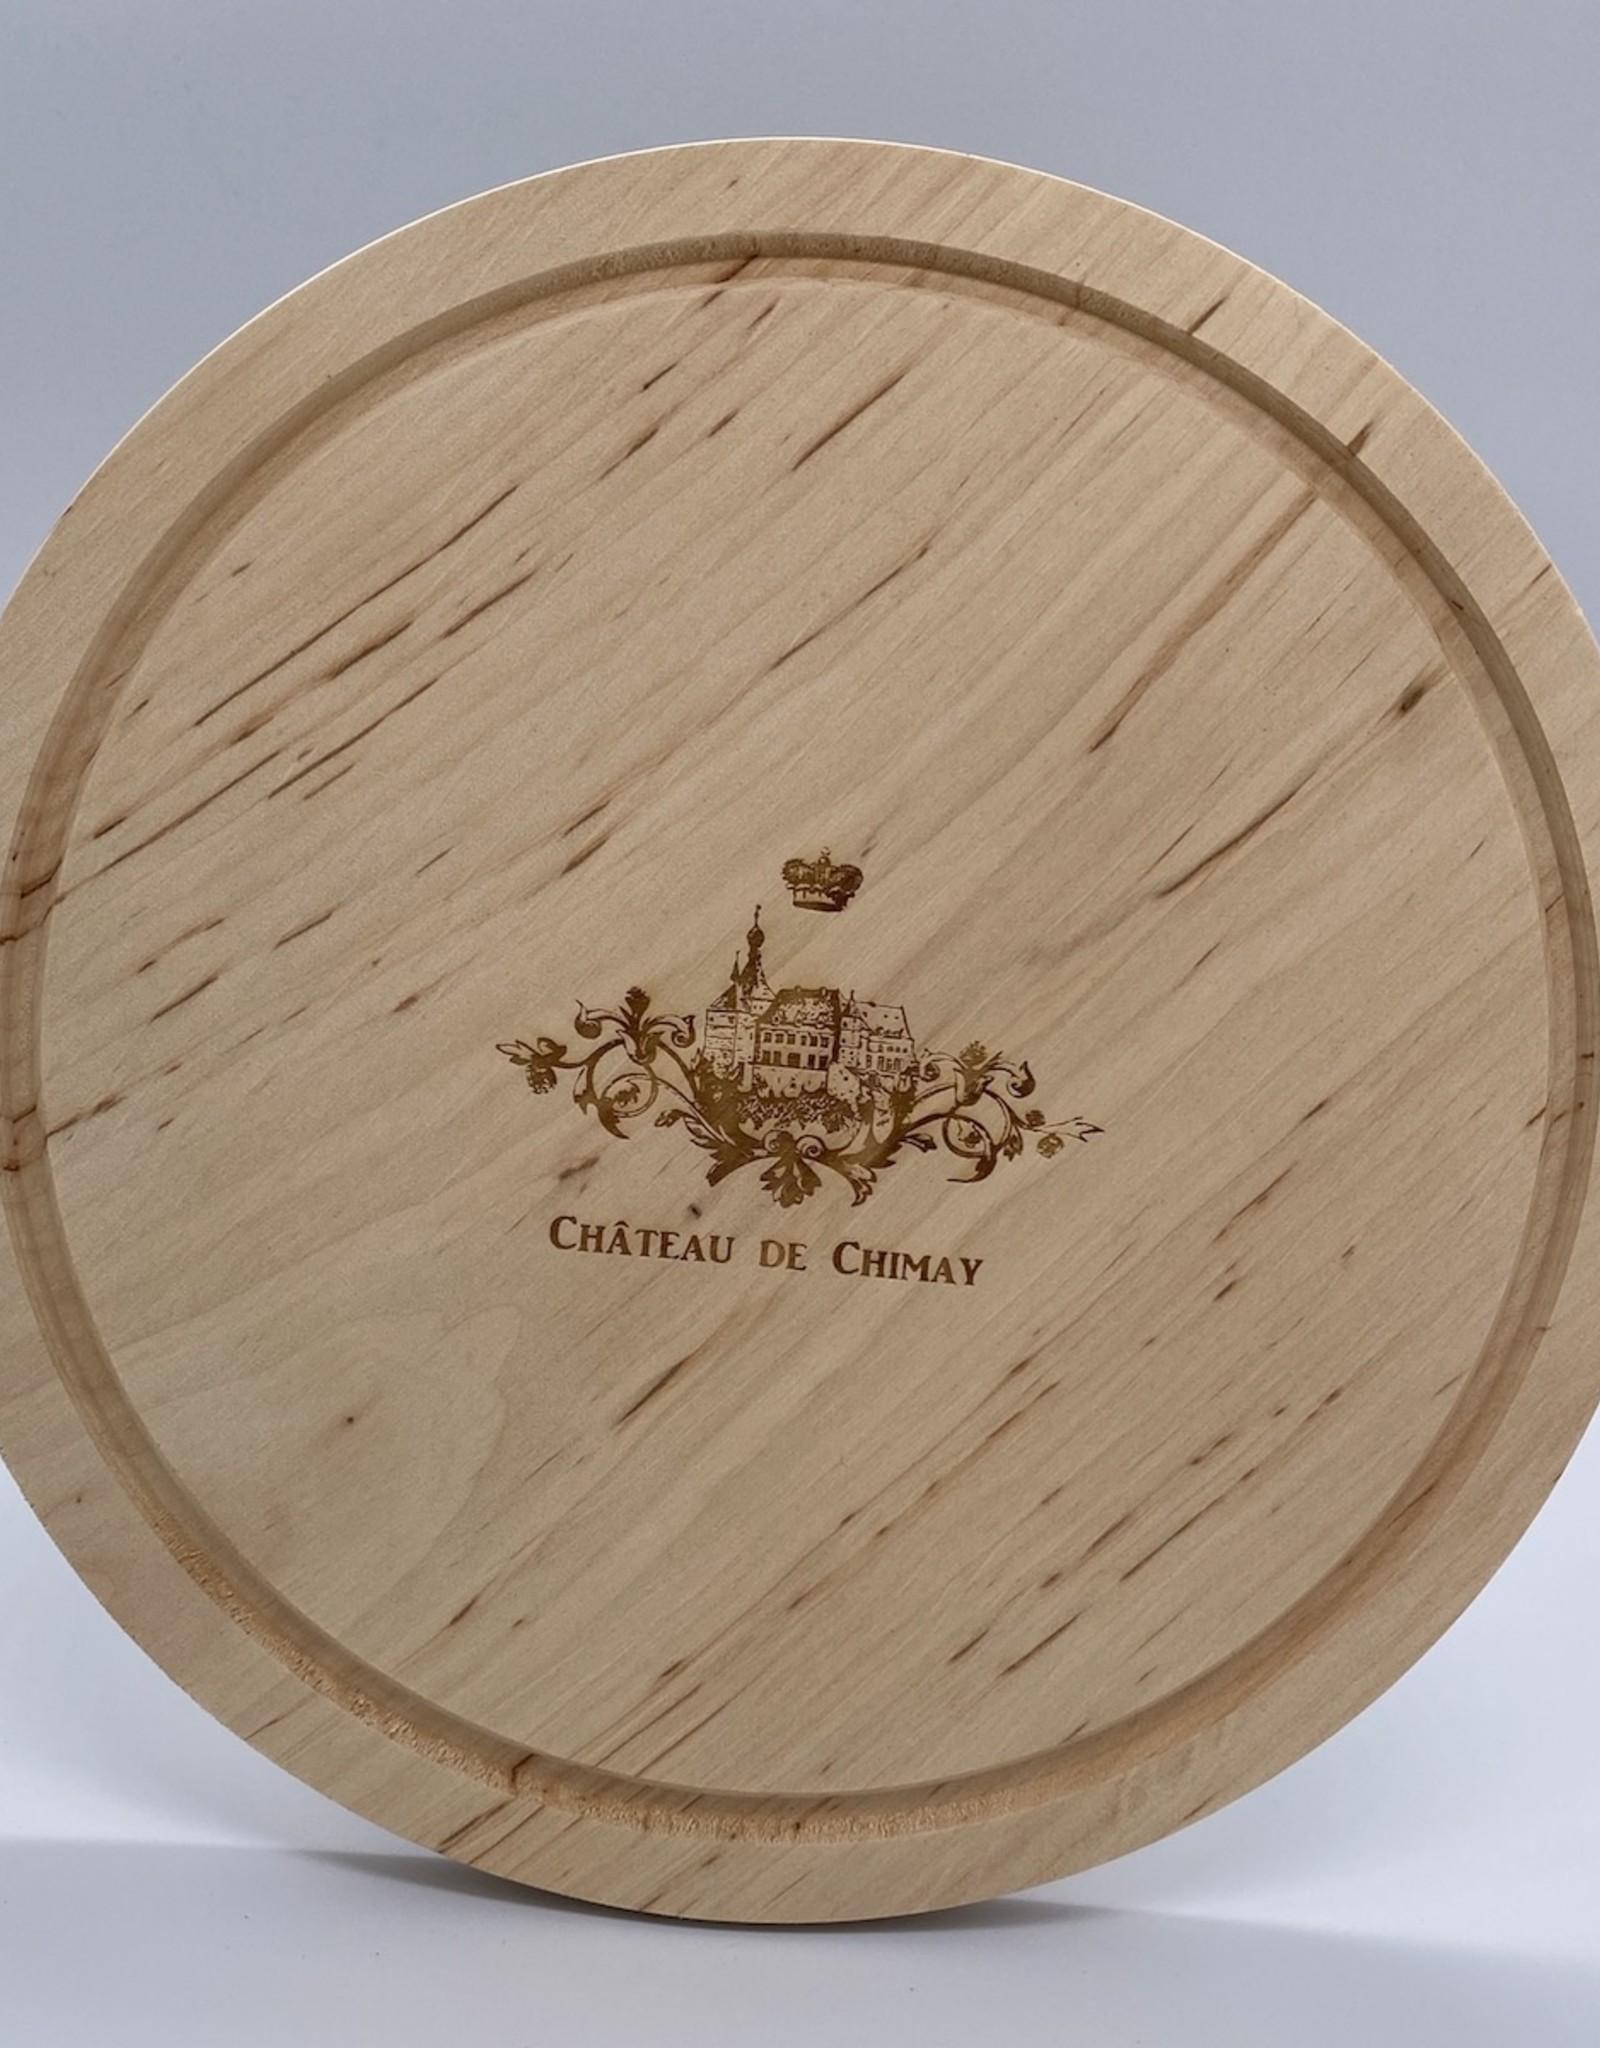 Château de Chimay Planche/dessous de plat bois